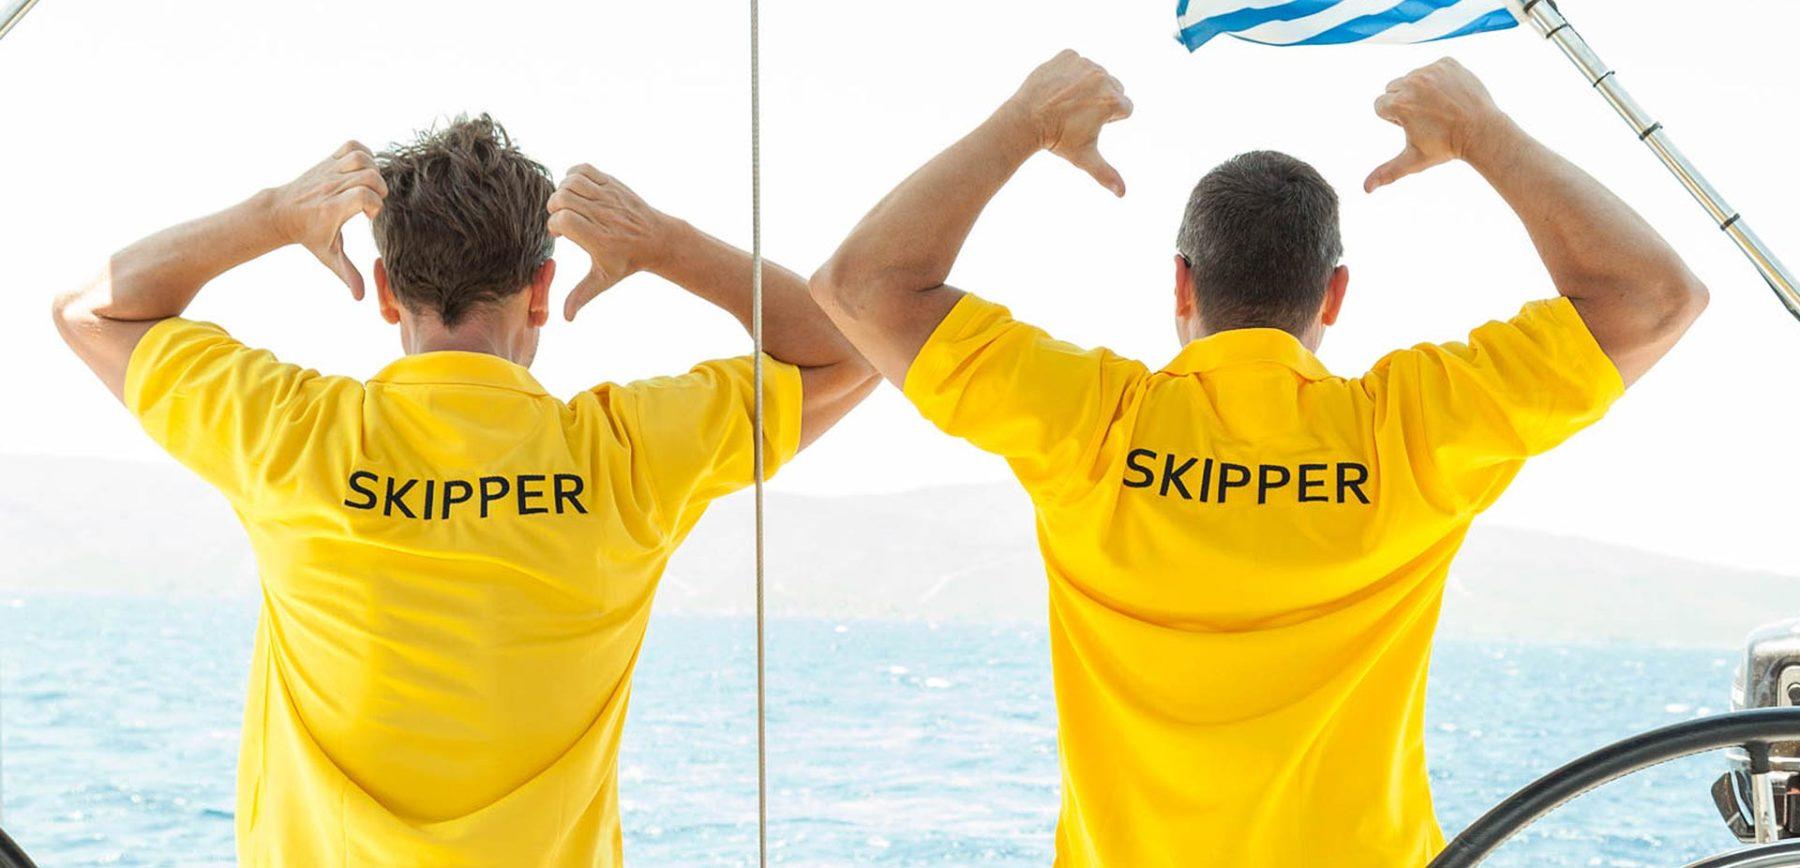 Mitsegeln auf Segelyacht mit Skipper